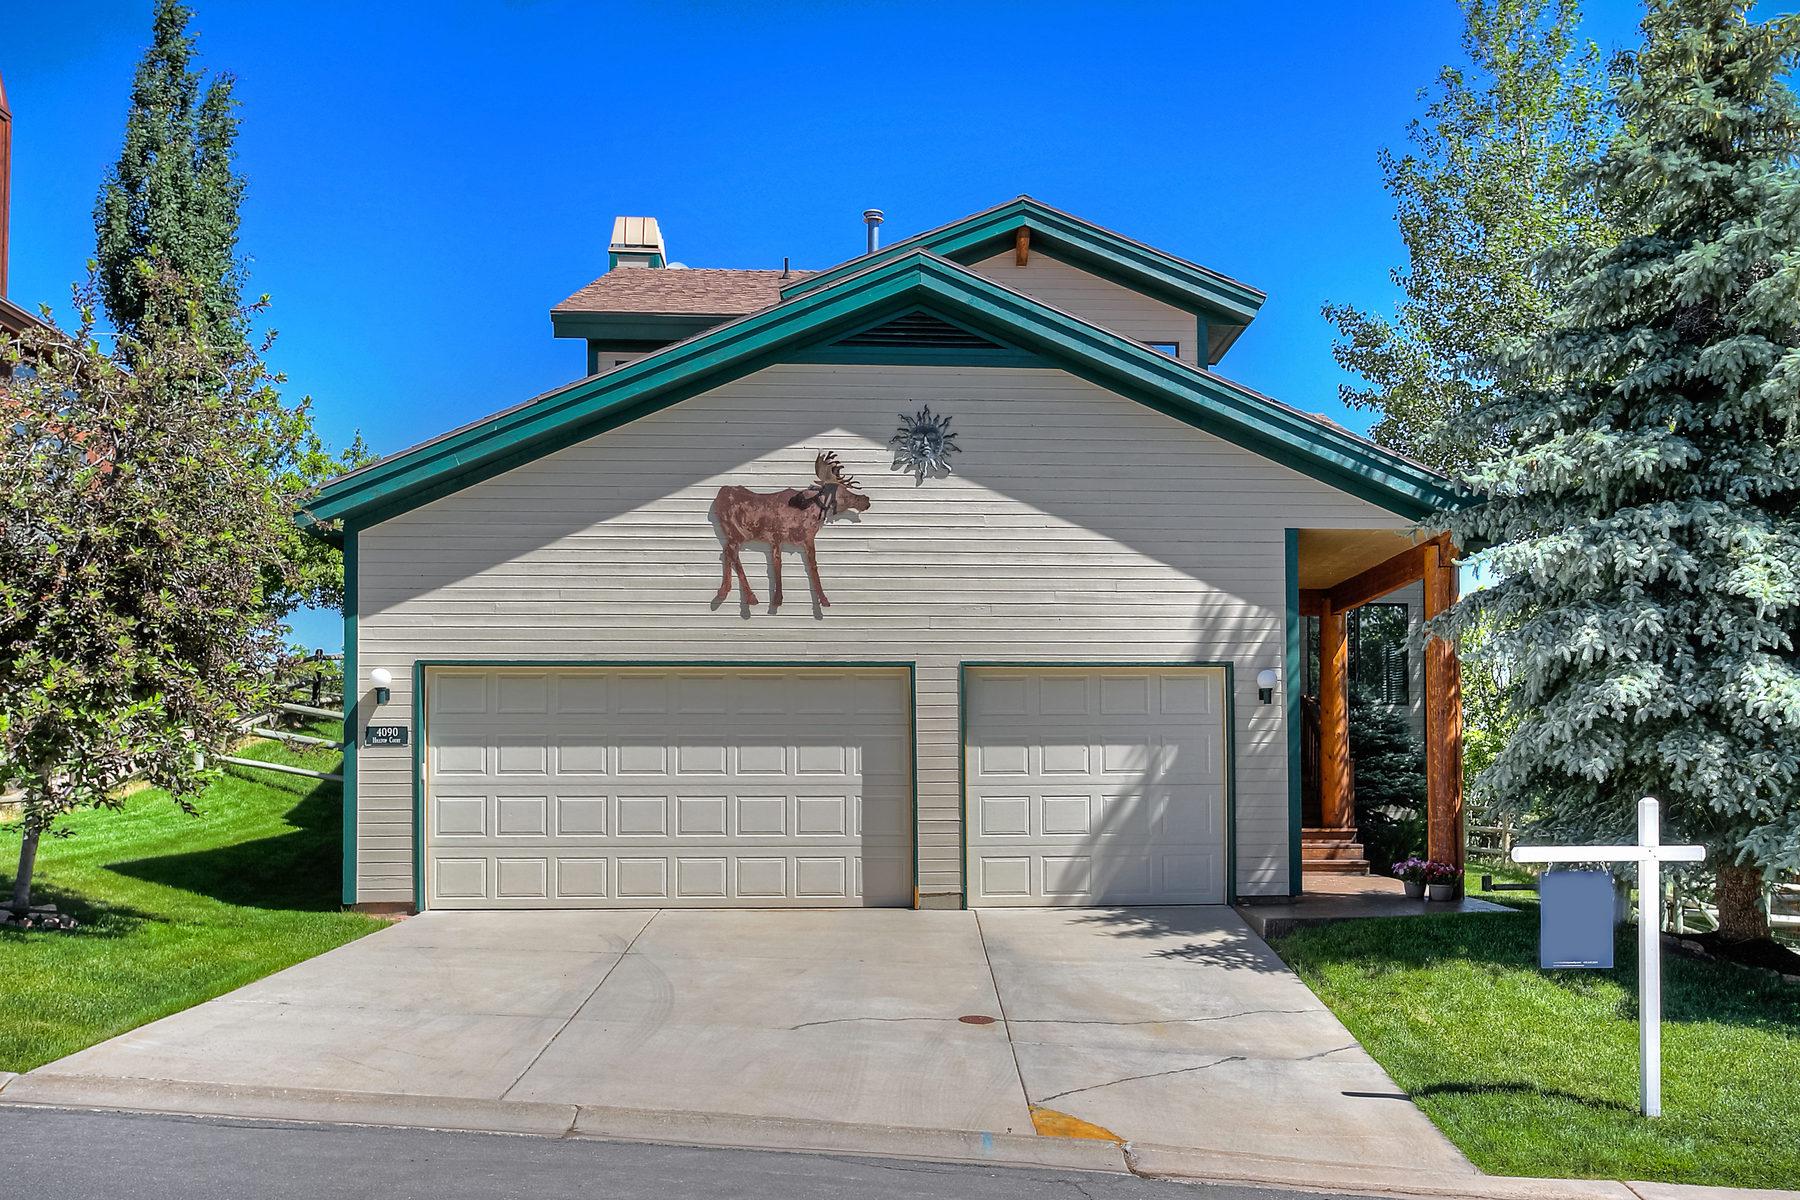 Maison unifamiliale pour l Vente à Charming Home with Amazing Views 4090 Hilltop Ct Park City, Utah 84098 États-Unis